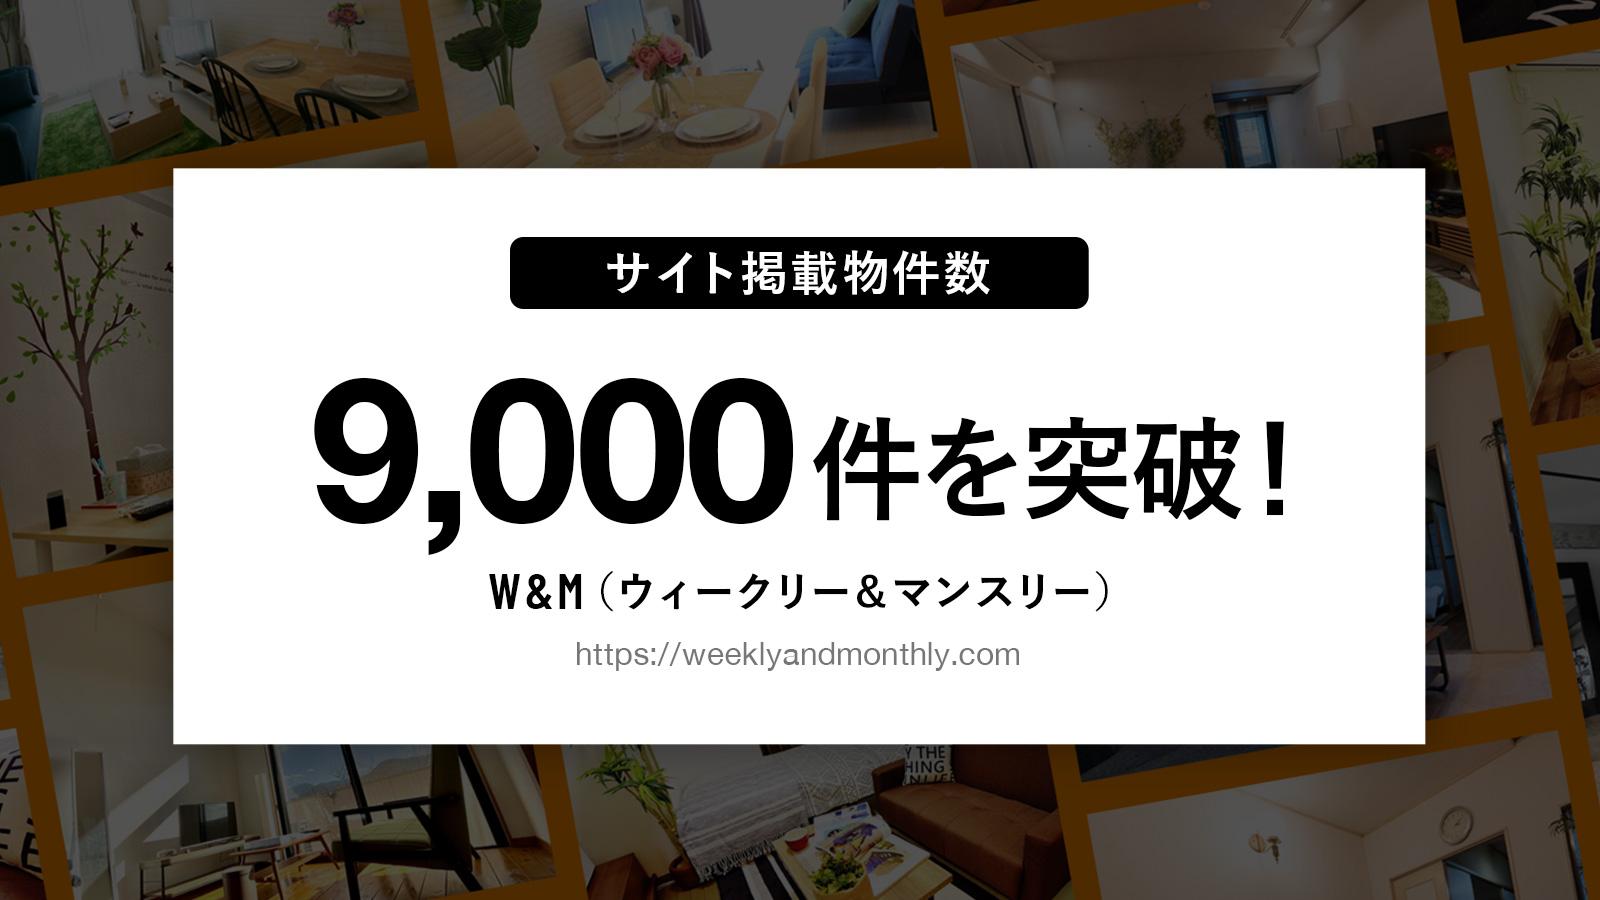 【PR】W&M(ウィークリーー&マンスリー)掲載物件数9,000件を突破!